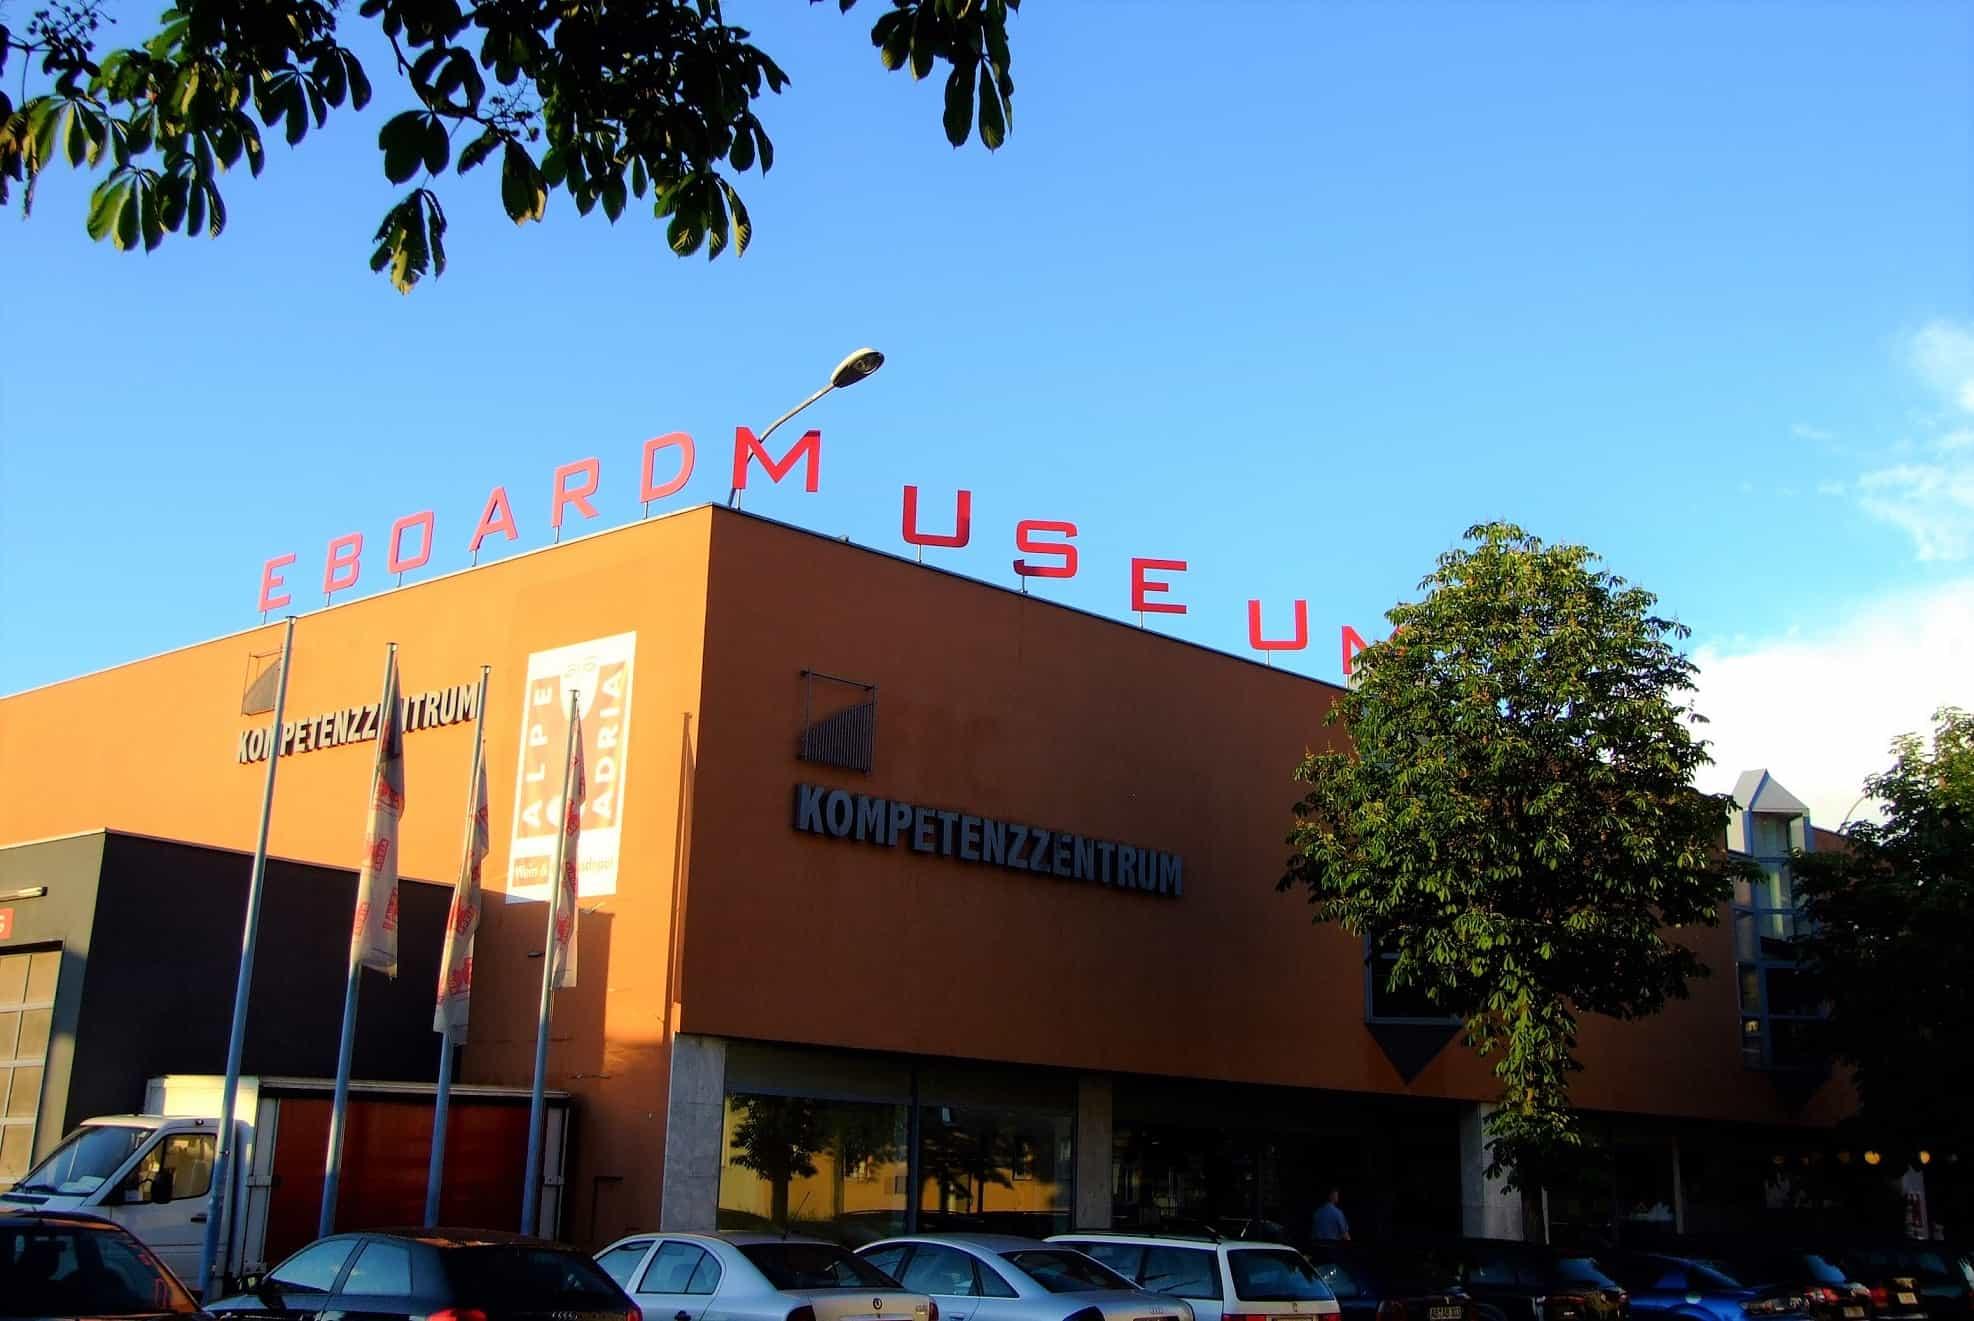 Eboardmuseum in Klagenfurt am Wörthersee - auch im Winter geöffnetes Ausflugsziel in Kärnten, Österreich